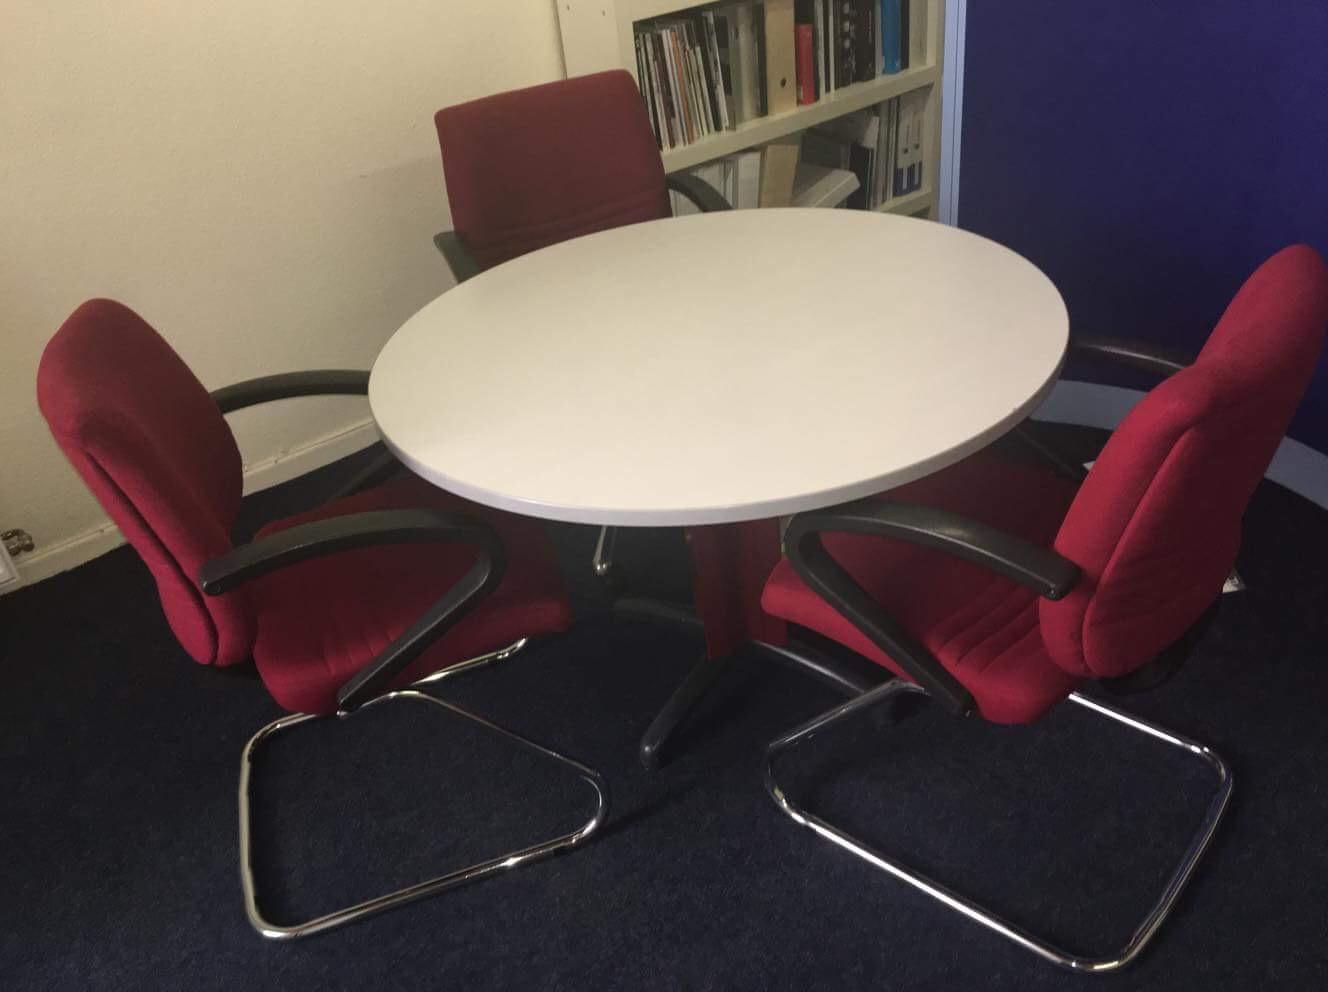 Bureaux sièges matériel de bureau bazar lu